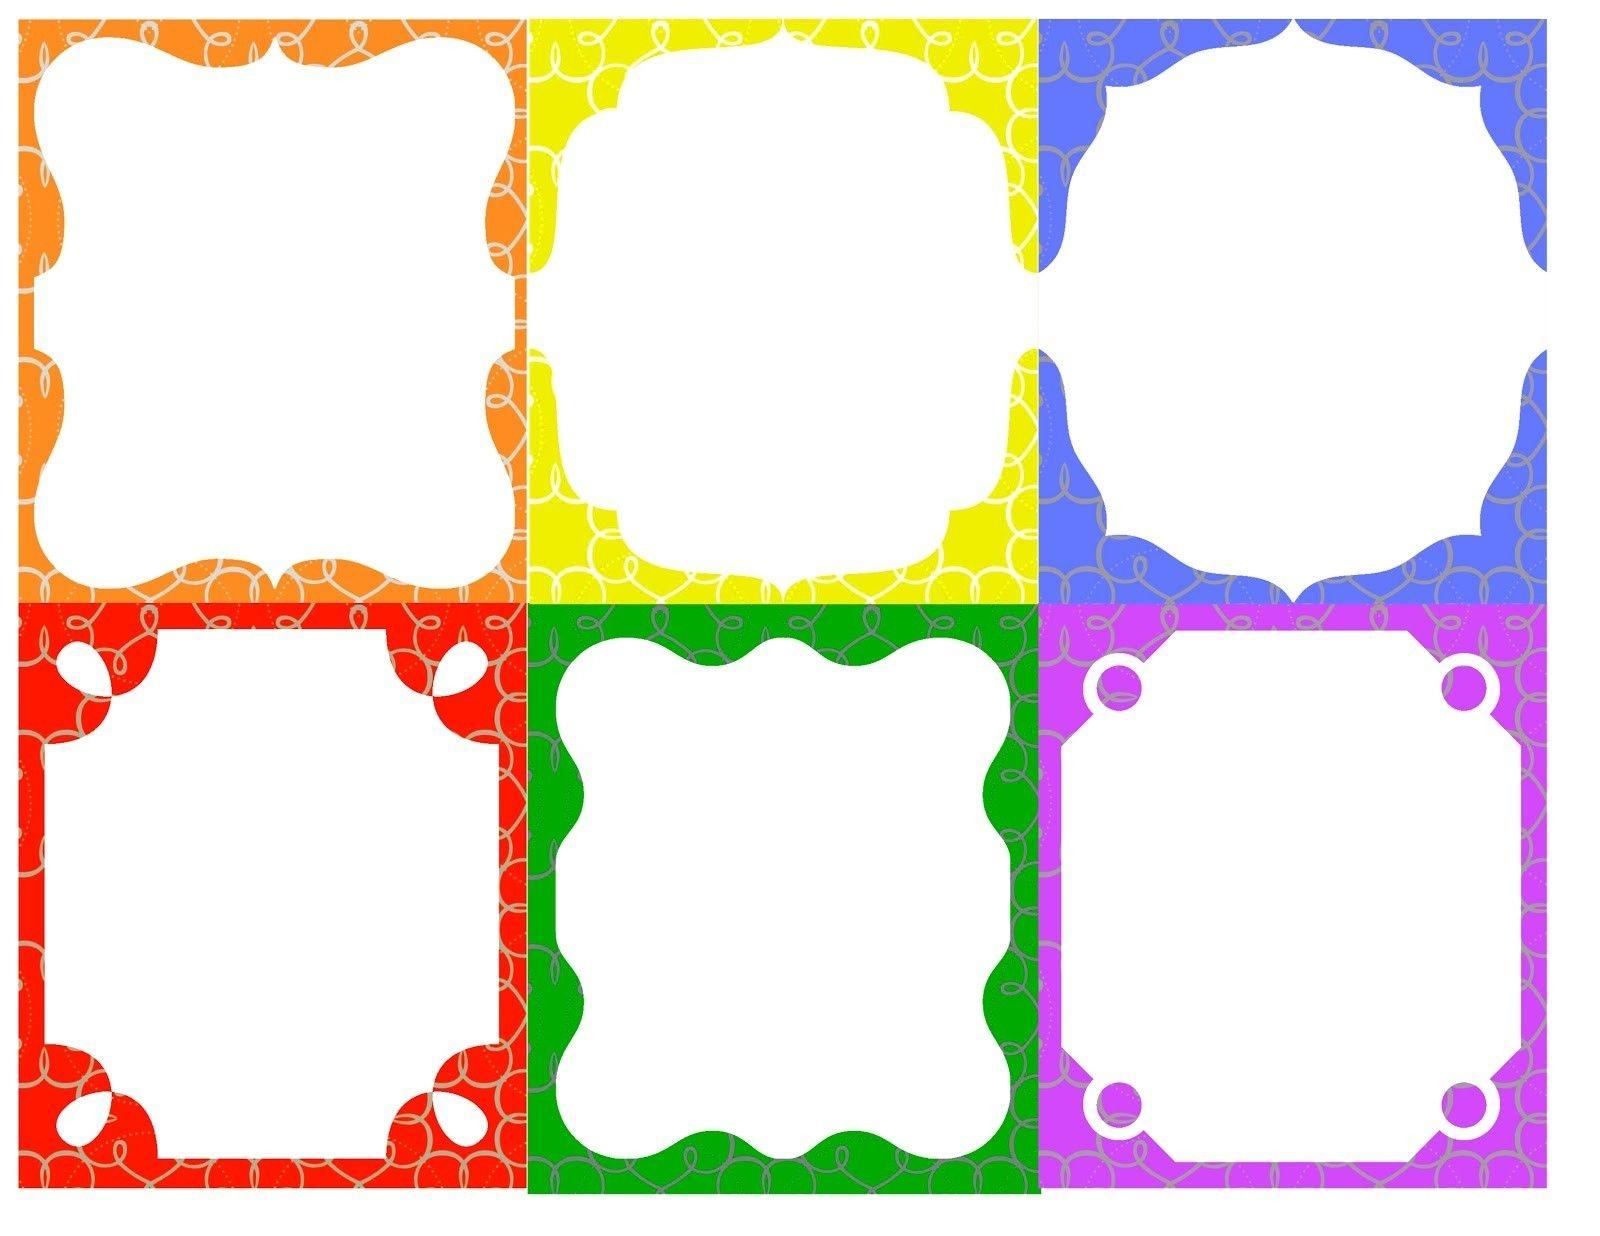 Name+Tag+Templates+Printable+For+Kids   Name Tags   Name Tag - Free Printable Name Labels For Kids